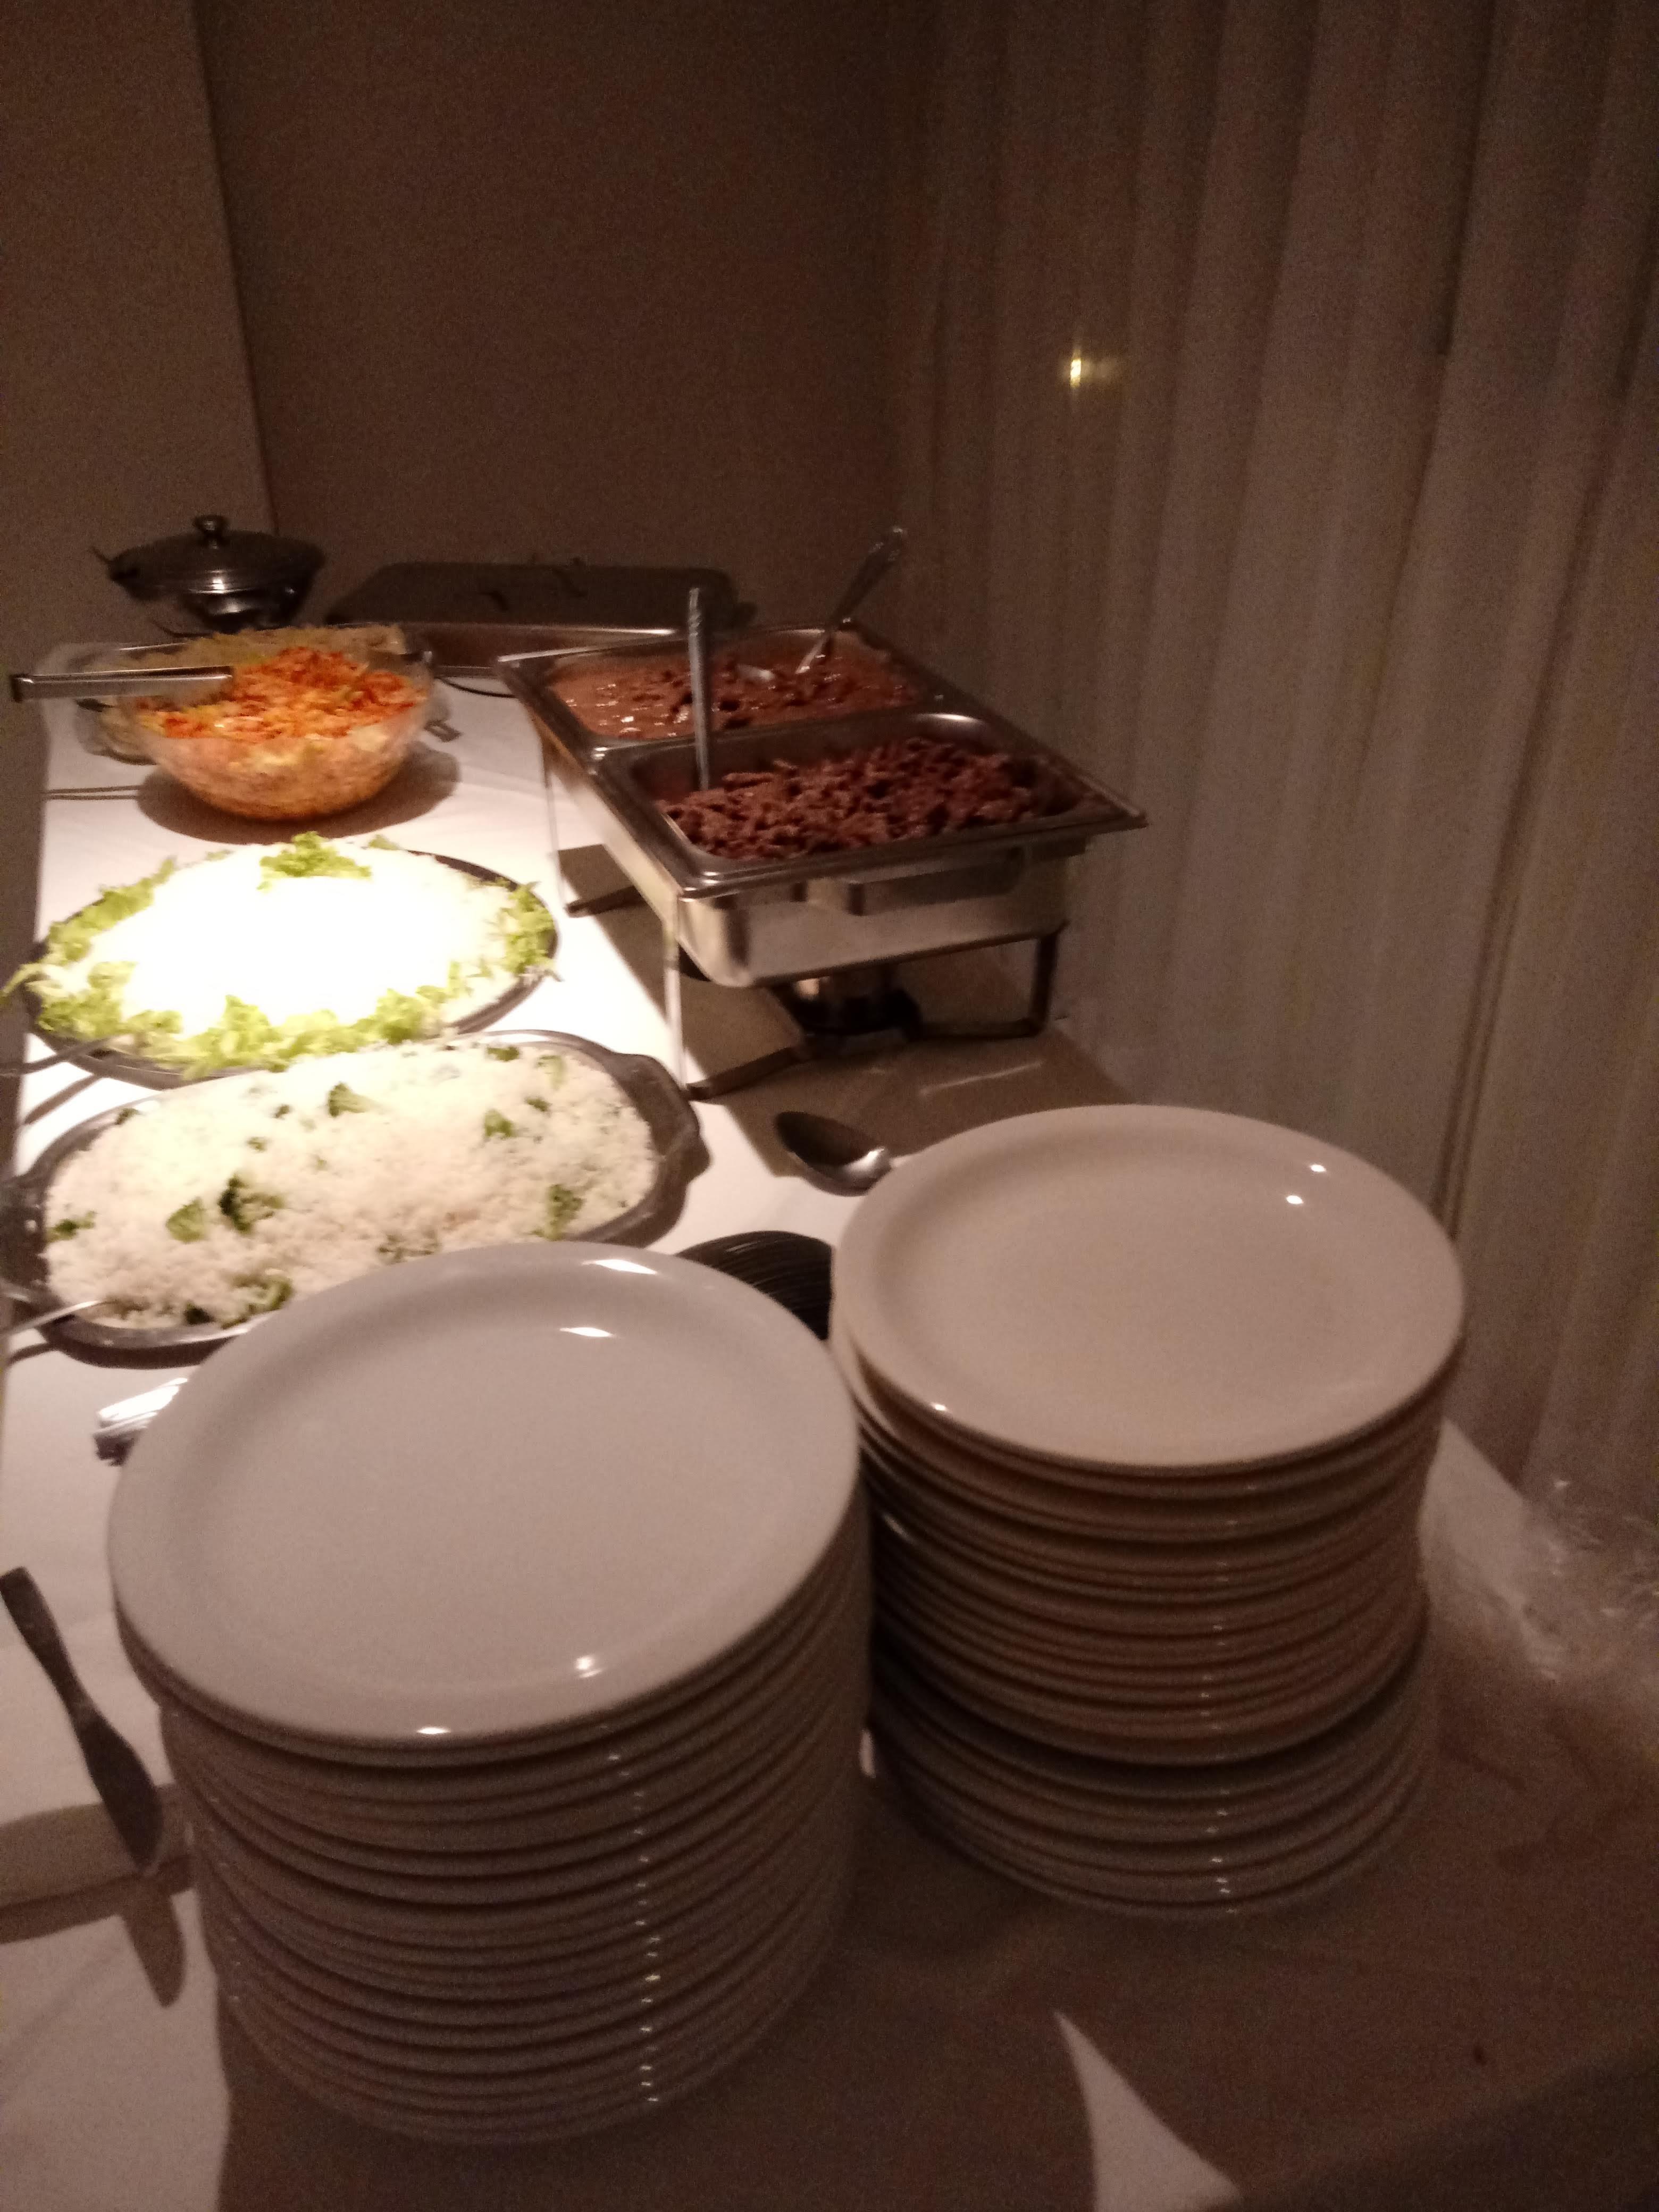 Buffet móvel para 60 pessoas: entrada + bebida + jantar + acompanhamentos + sobremesa + serviço e utensílios (1 garçom, 1 copeiro, 1 Chef de Cozinha, rechauds, pratos, talheres e taças) de R$2.500 por apenas R$1.500